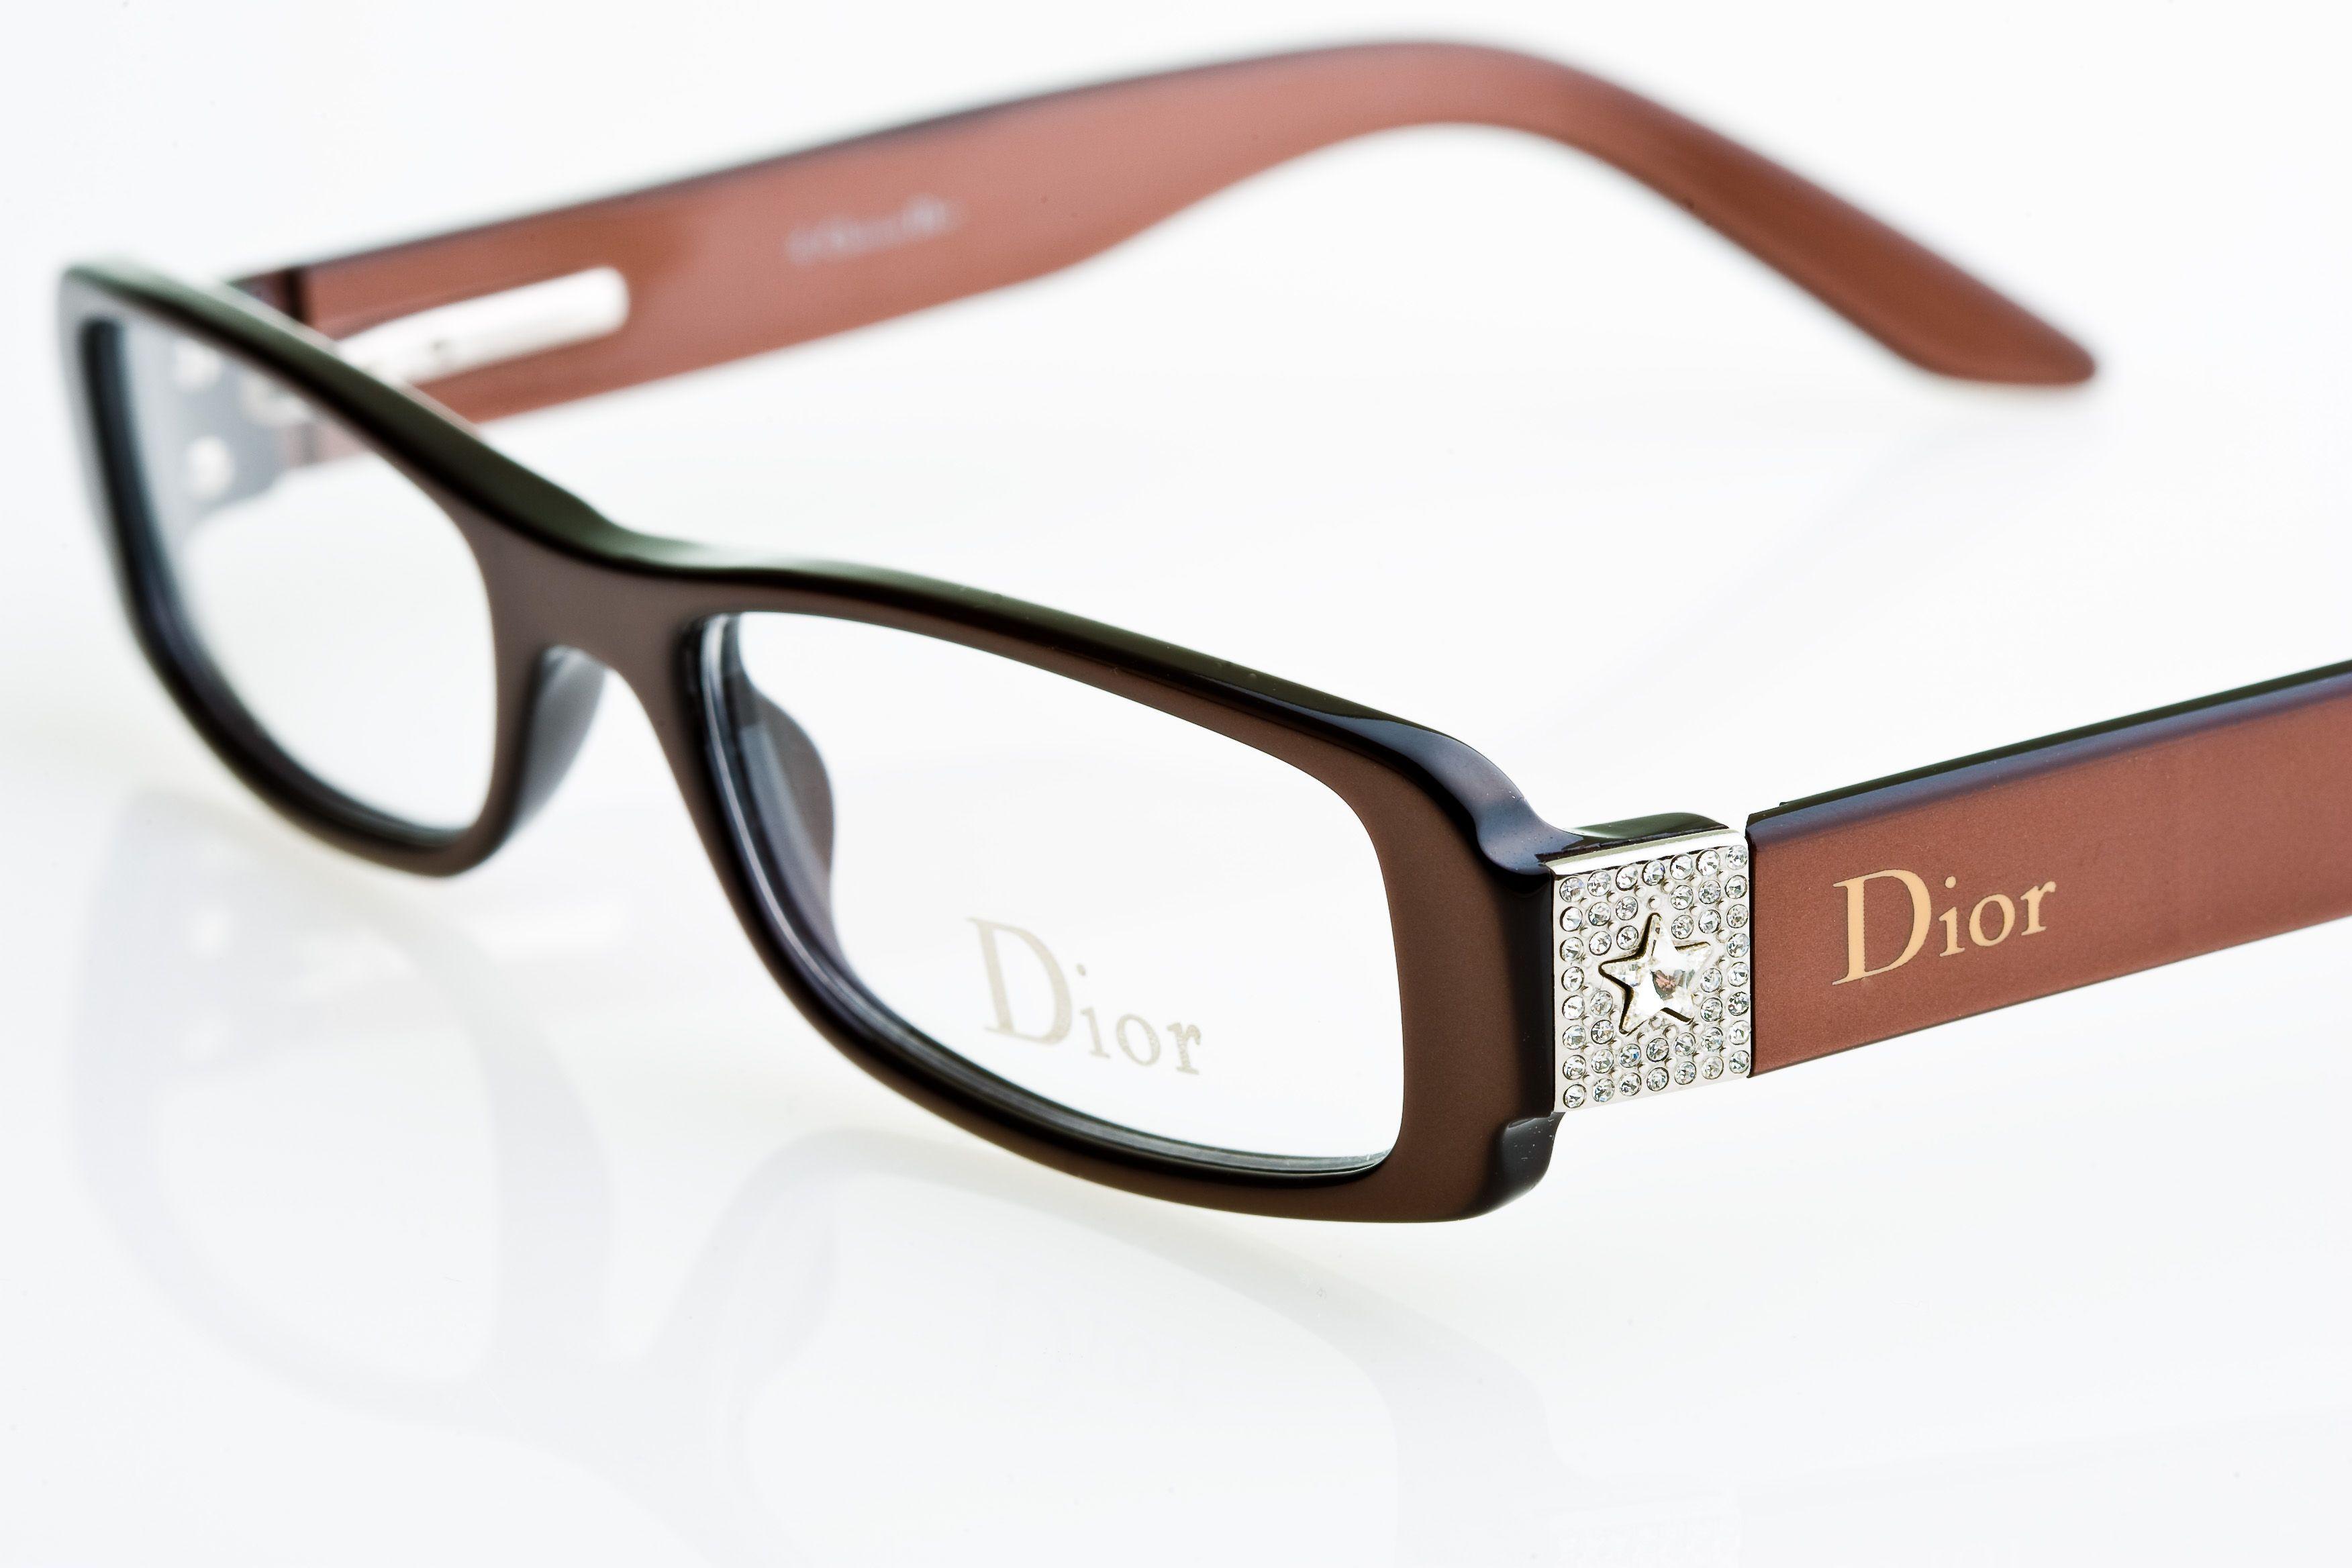 Women's Eyeglasses - Designer Glasses for Women | Stylin ...